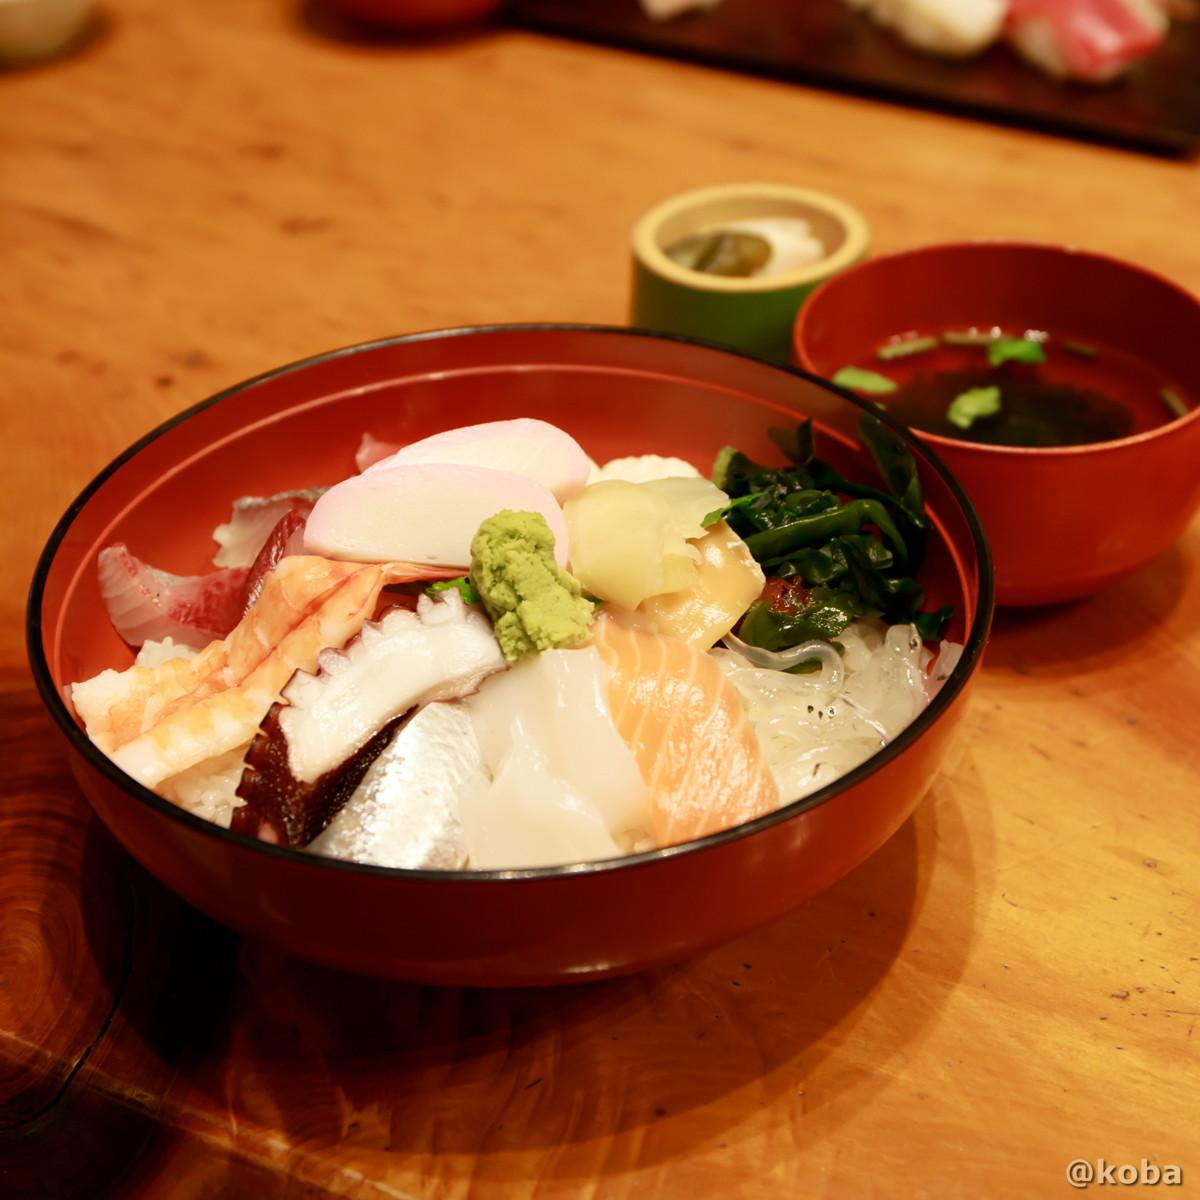 海鮮丼(お吸い物 香の物)1,100円の写真|玉寿司(たまずし)和食ランチ|東京都葛飾区・新小岩|こばブログ